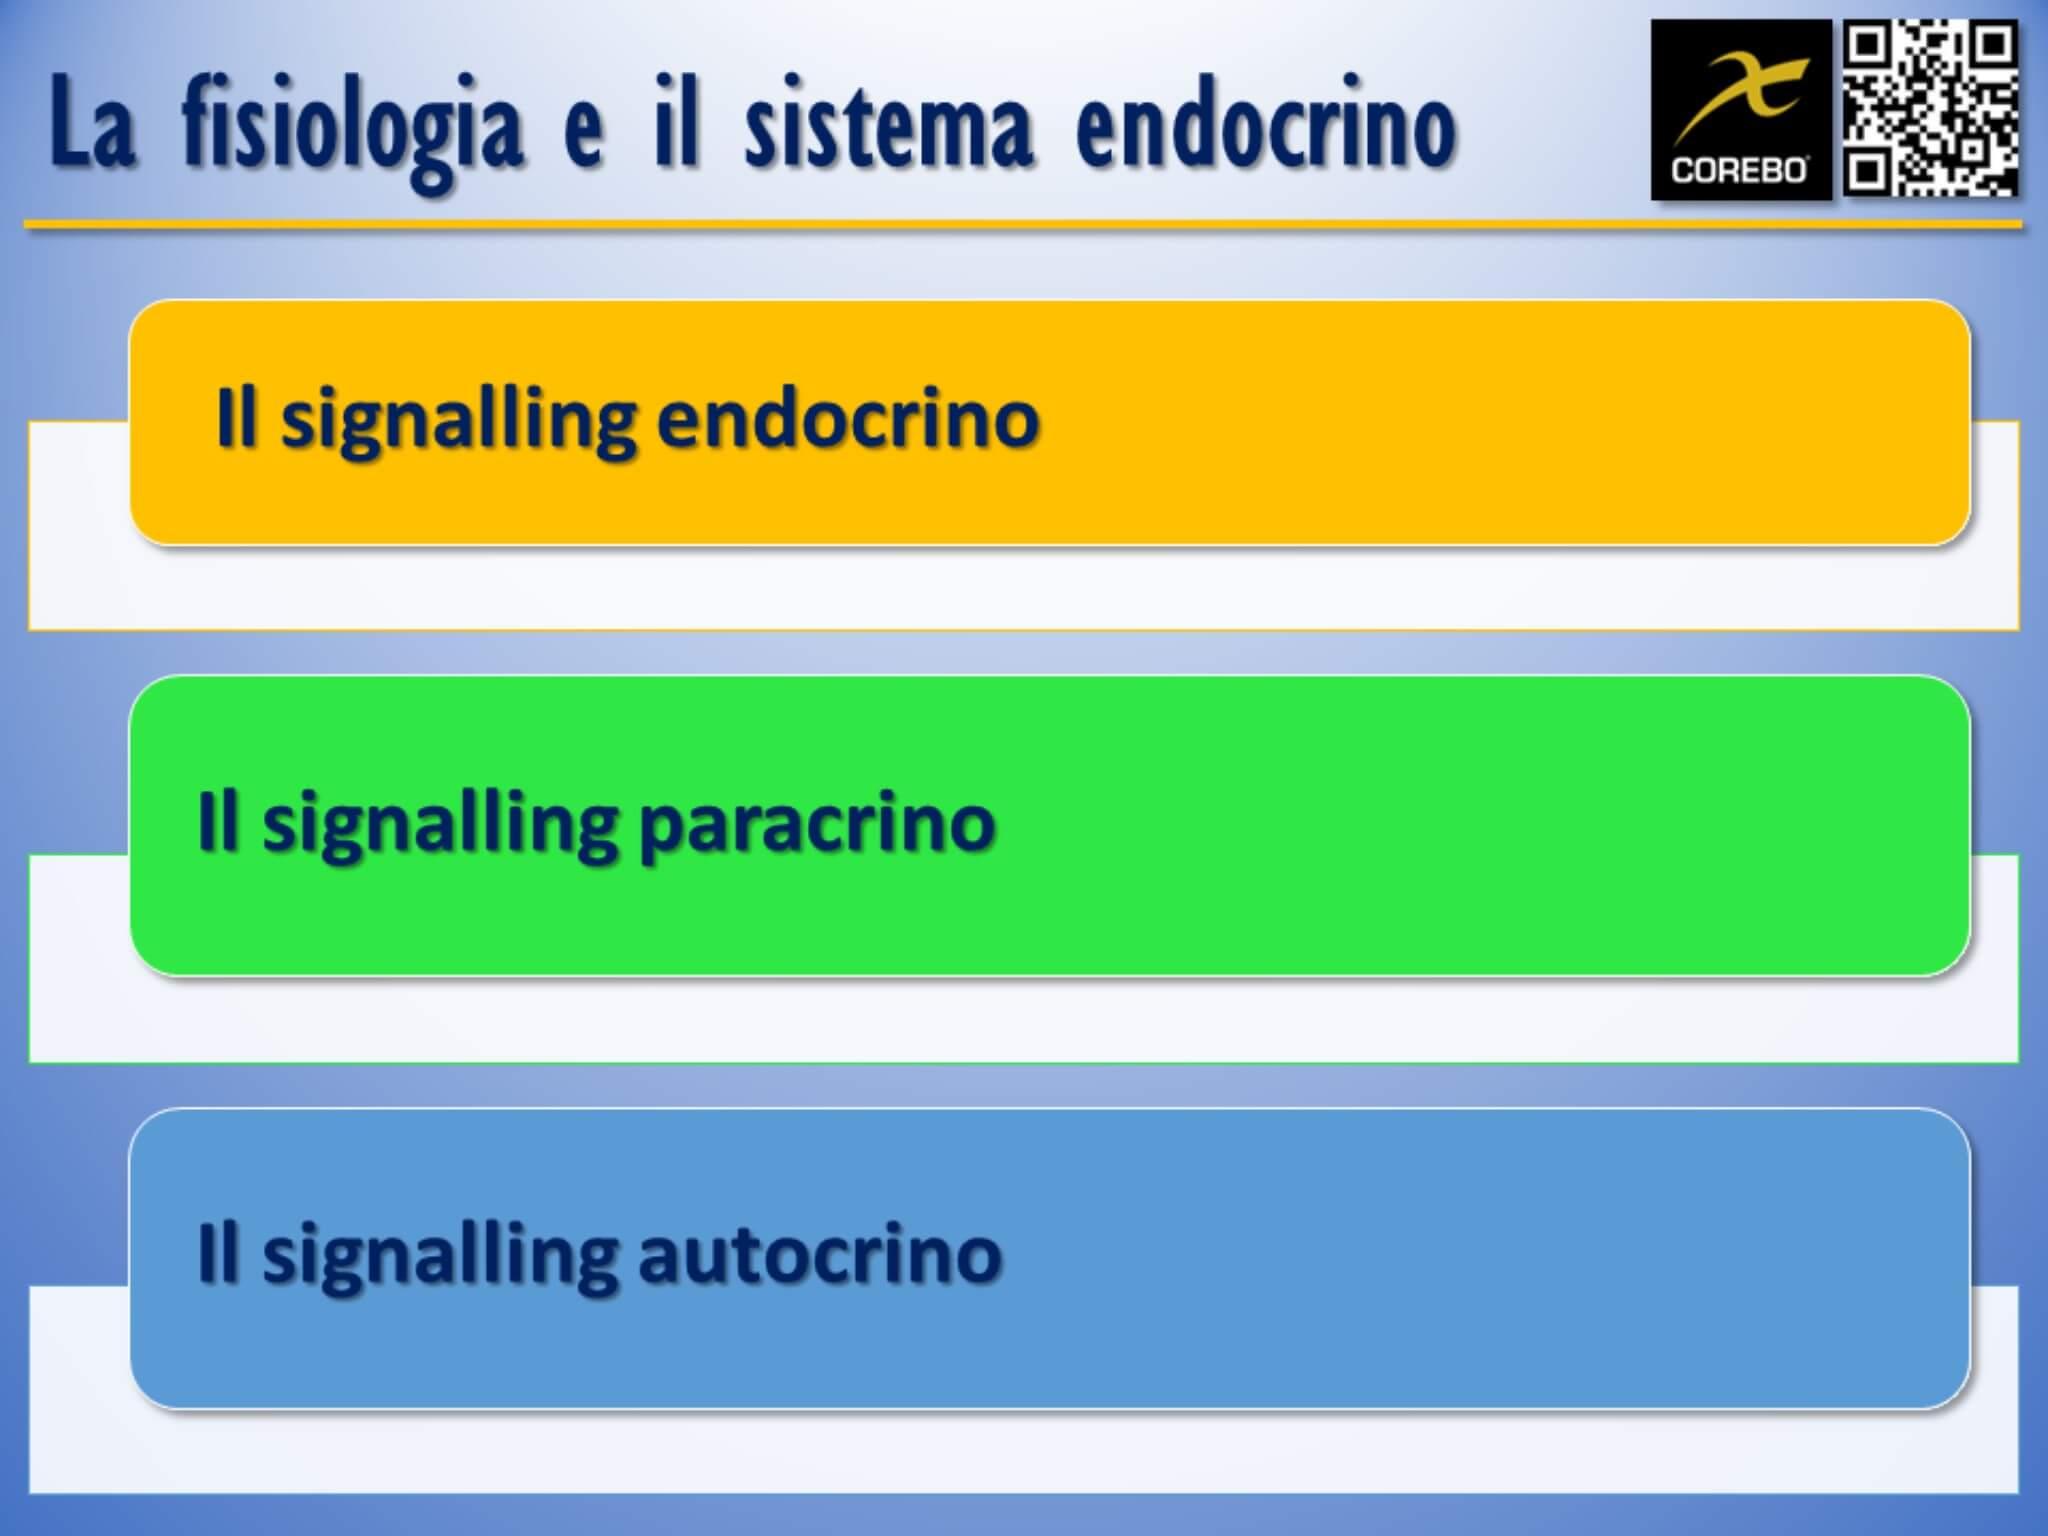 la fisiologia